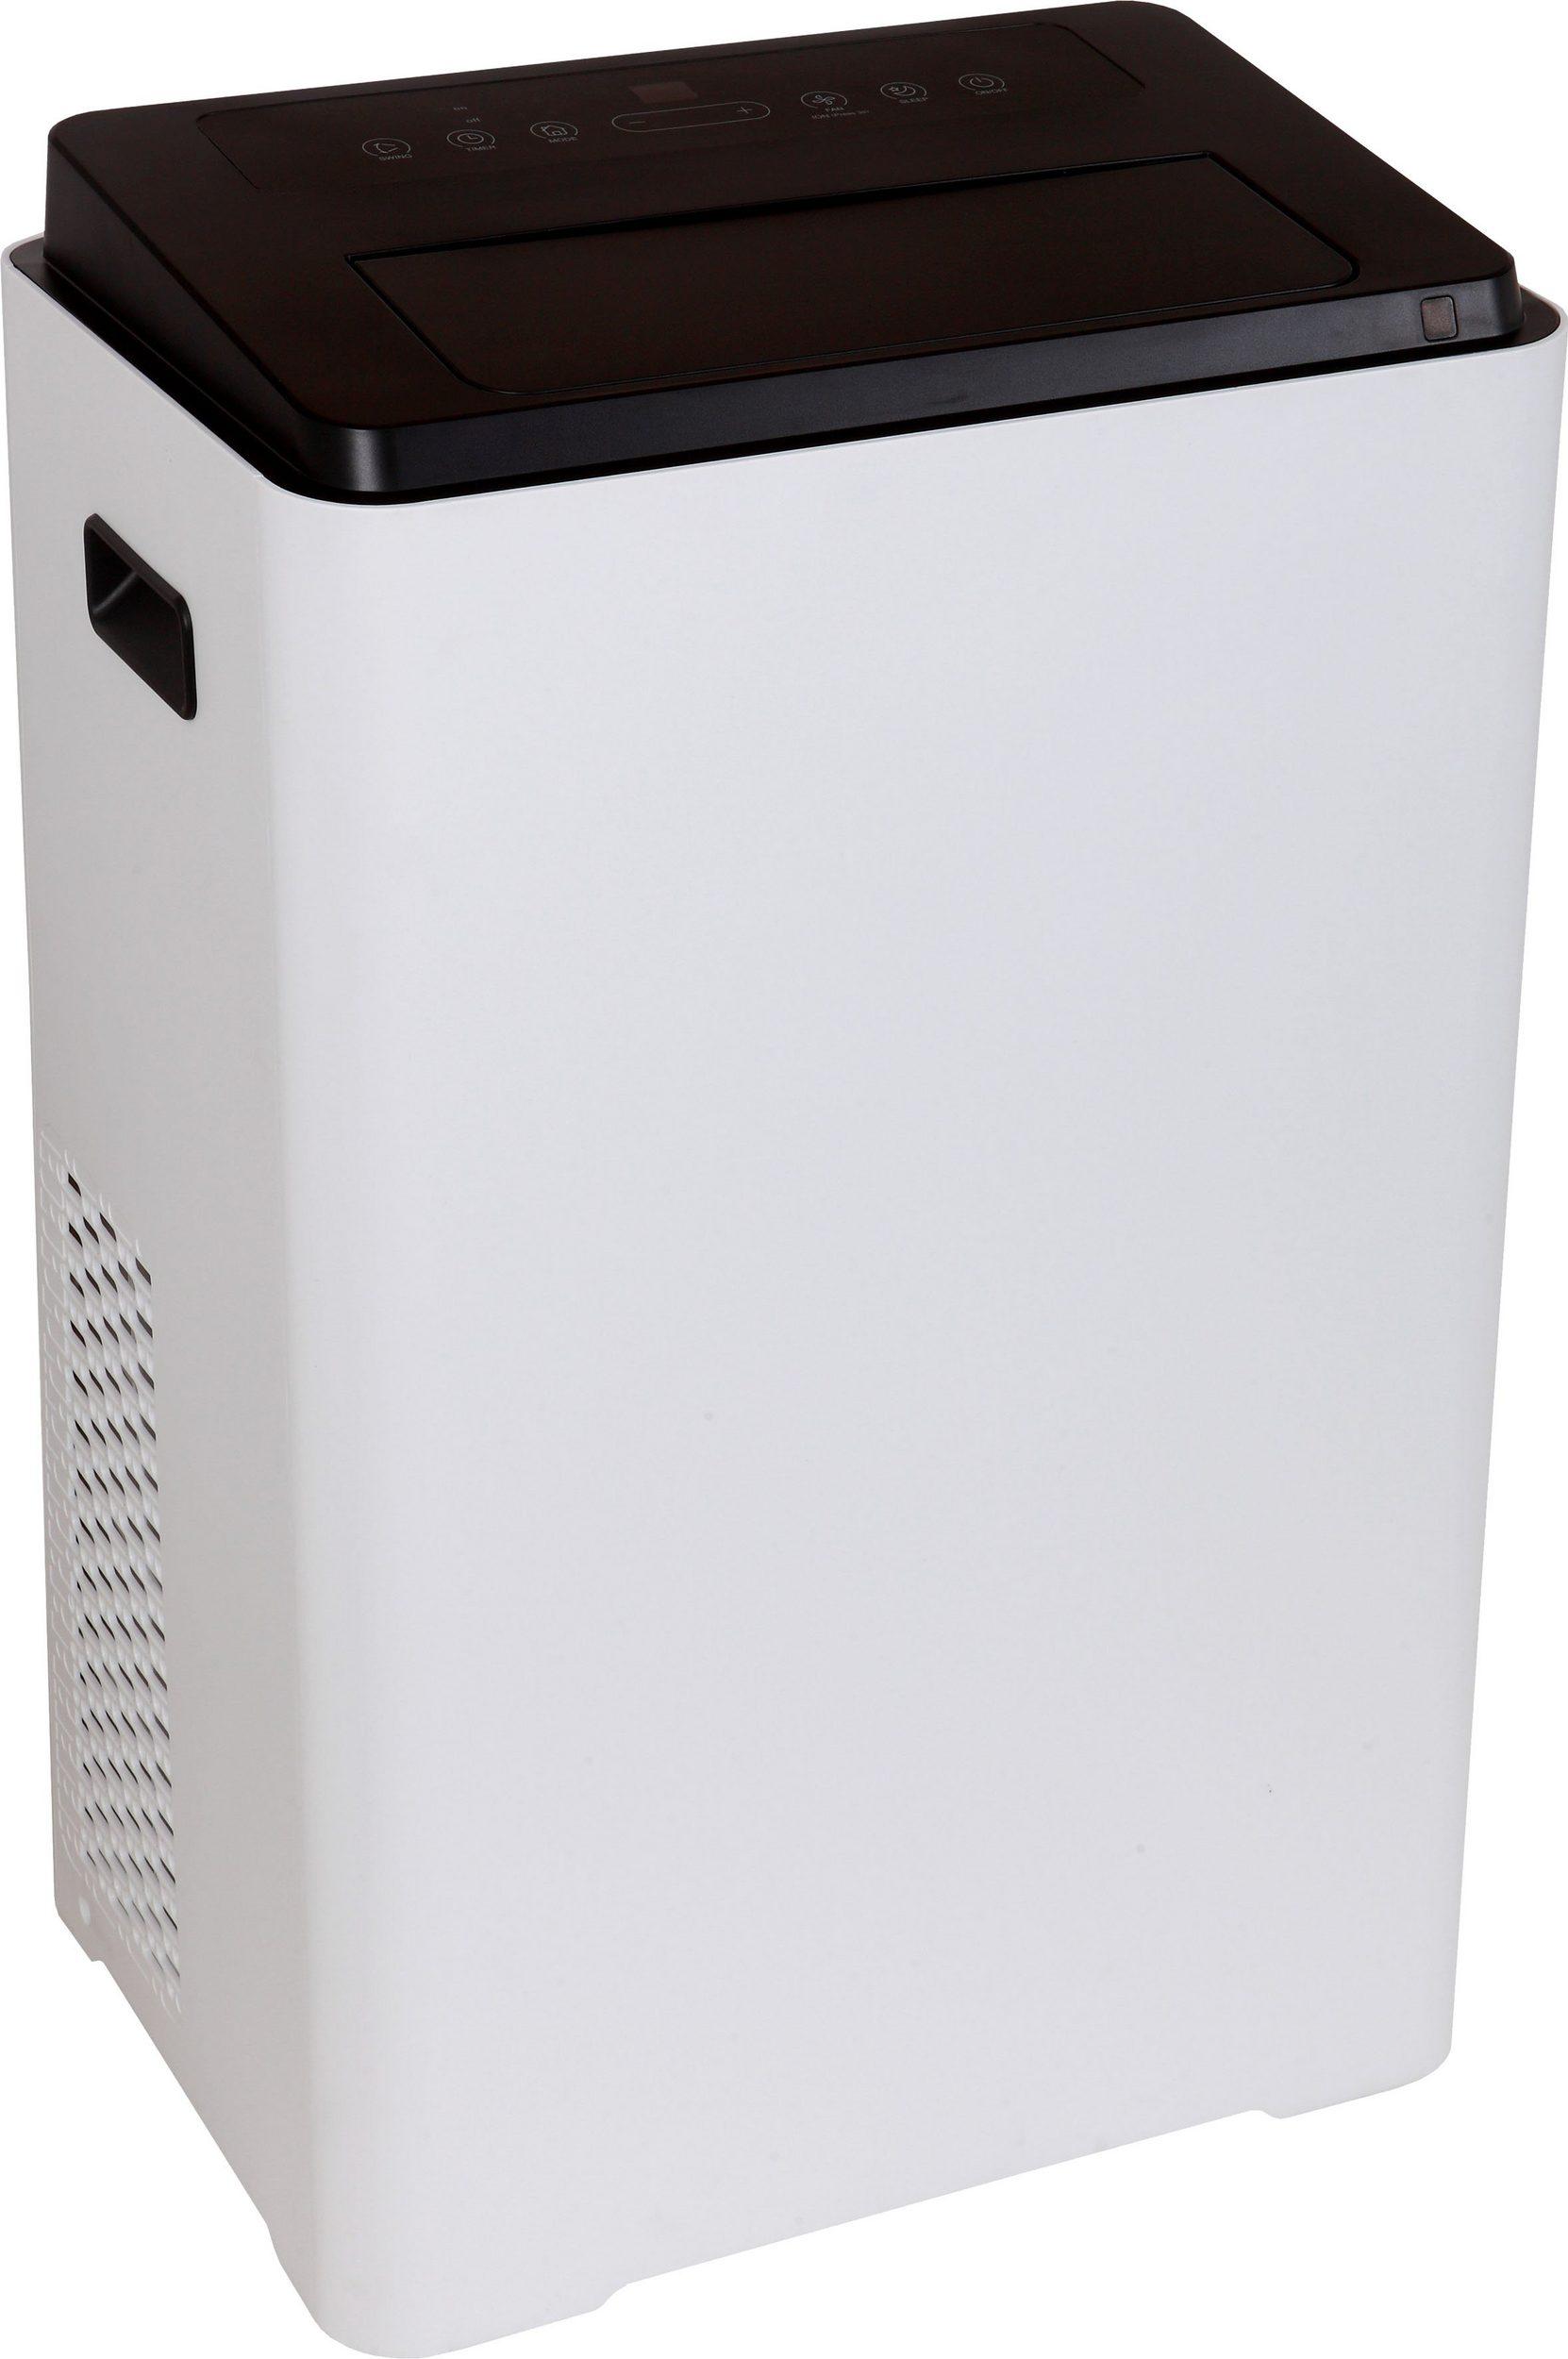 3-in-1-Klimagerät von Midea